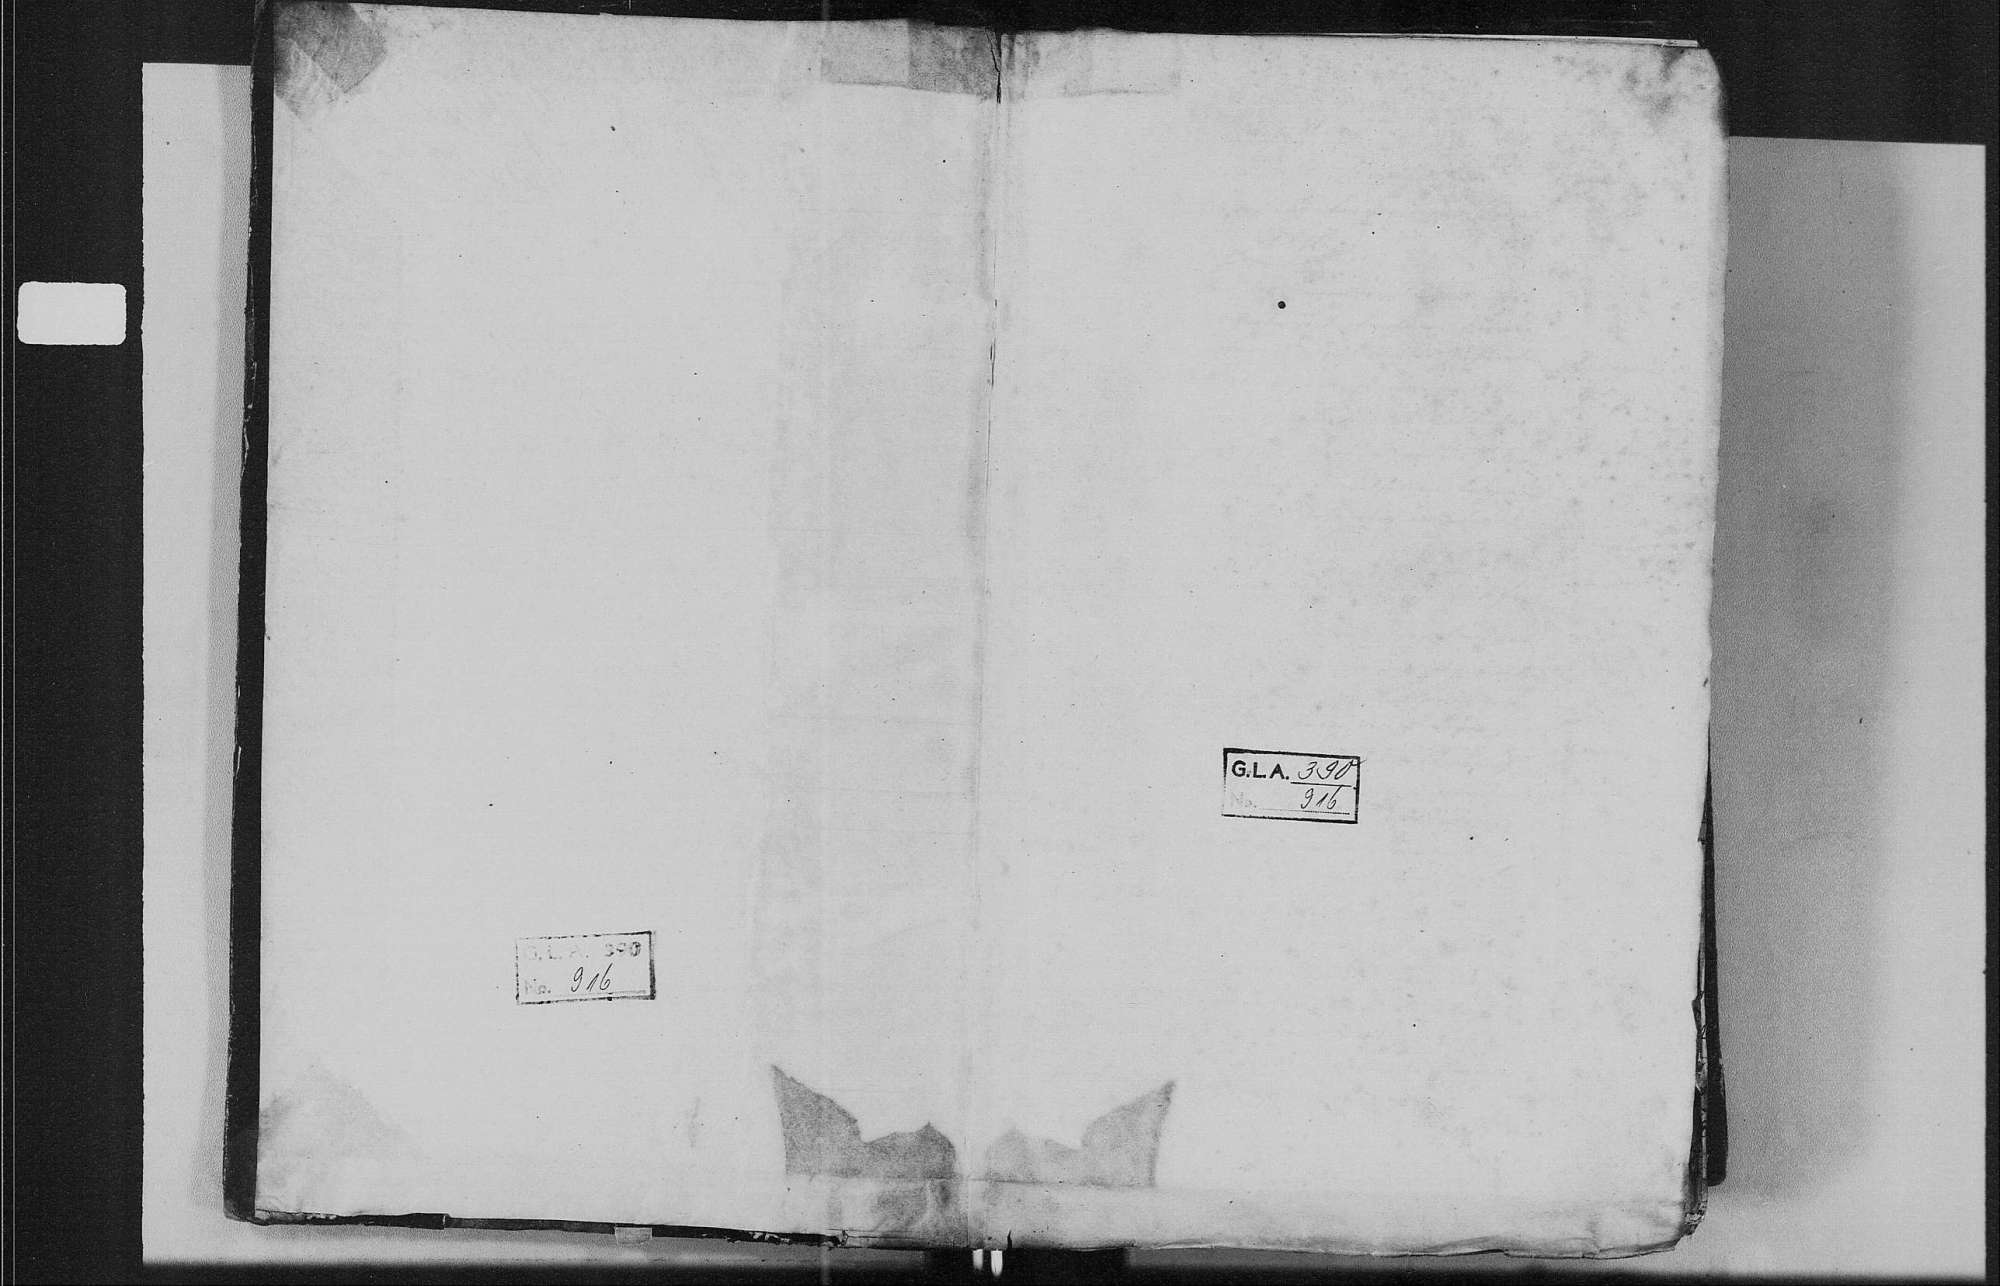 Steinbach, katholische Gemeinde: Sterbebuch 1810-1840, Bild 2